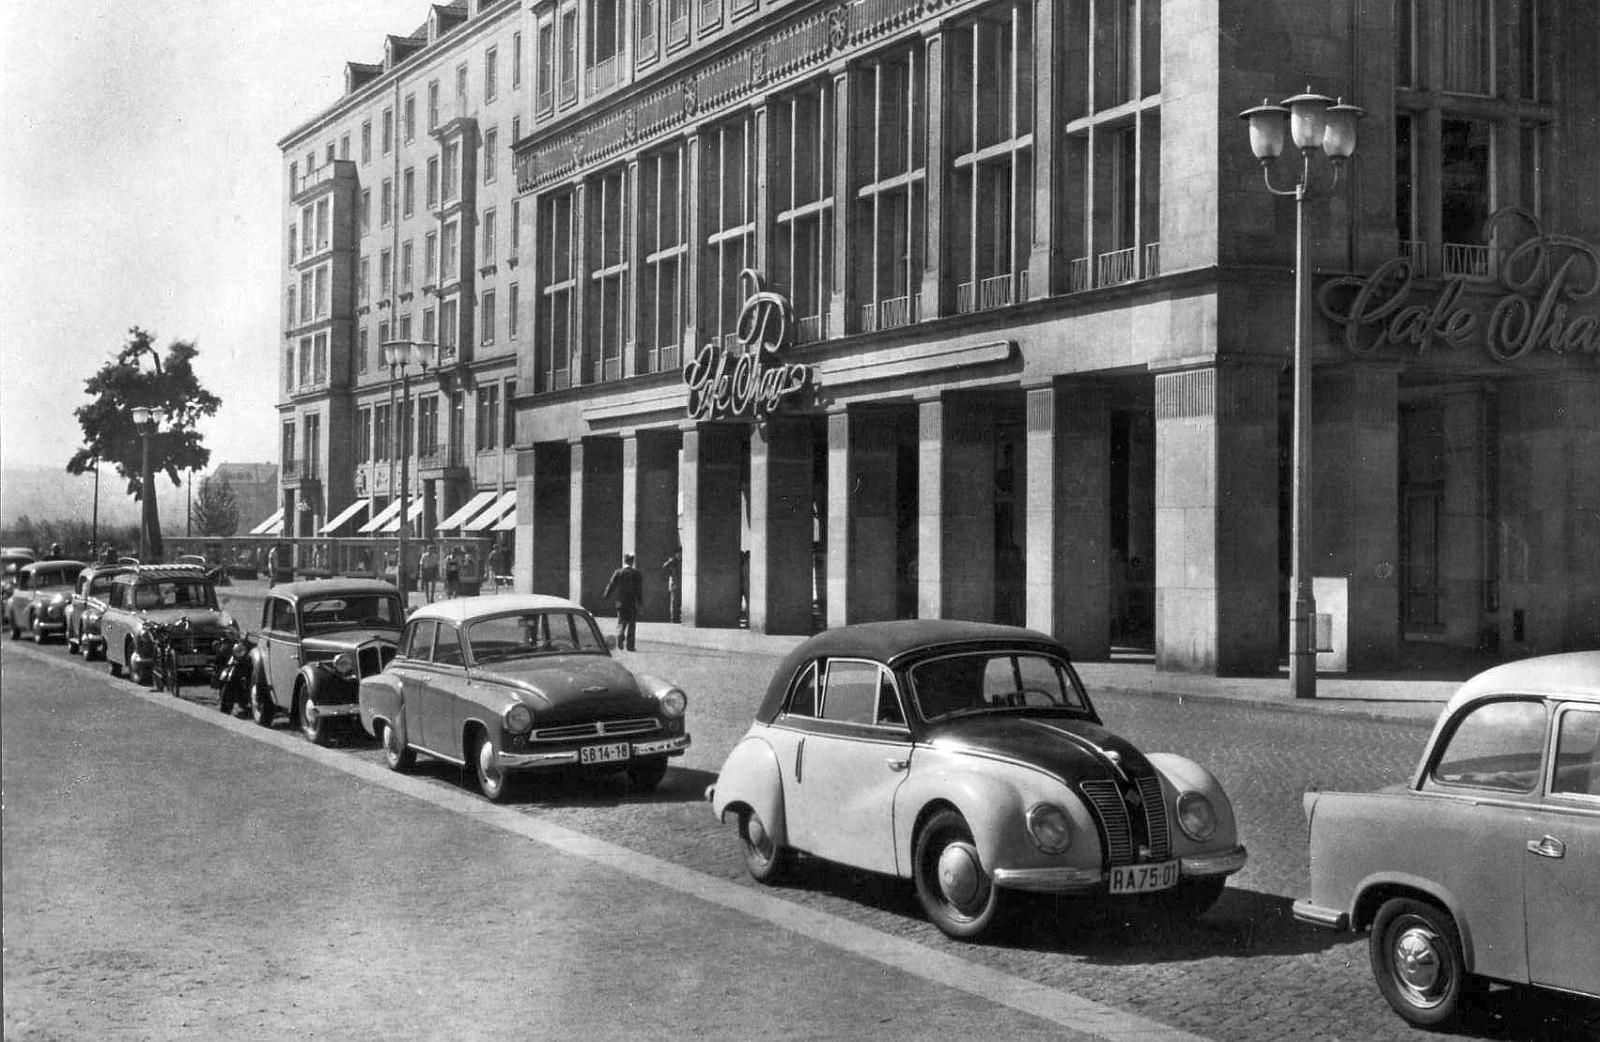 volkswagen maggiomodelli germania anni 60 70 citta 39 e maggiolini. Black Bedroom Furniture Sets. Home Design Ideas